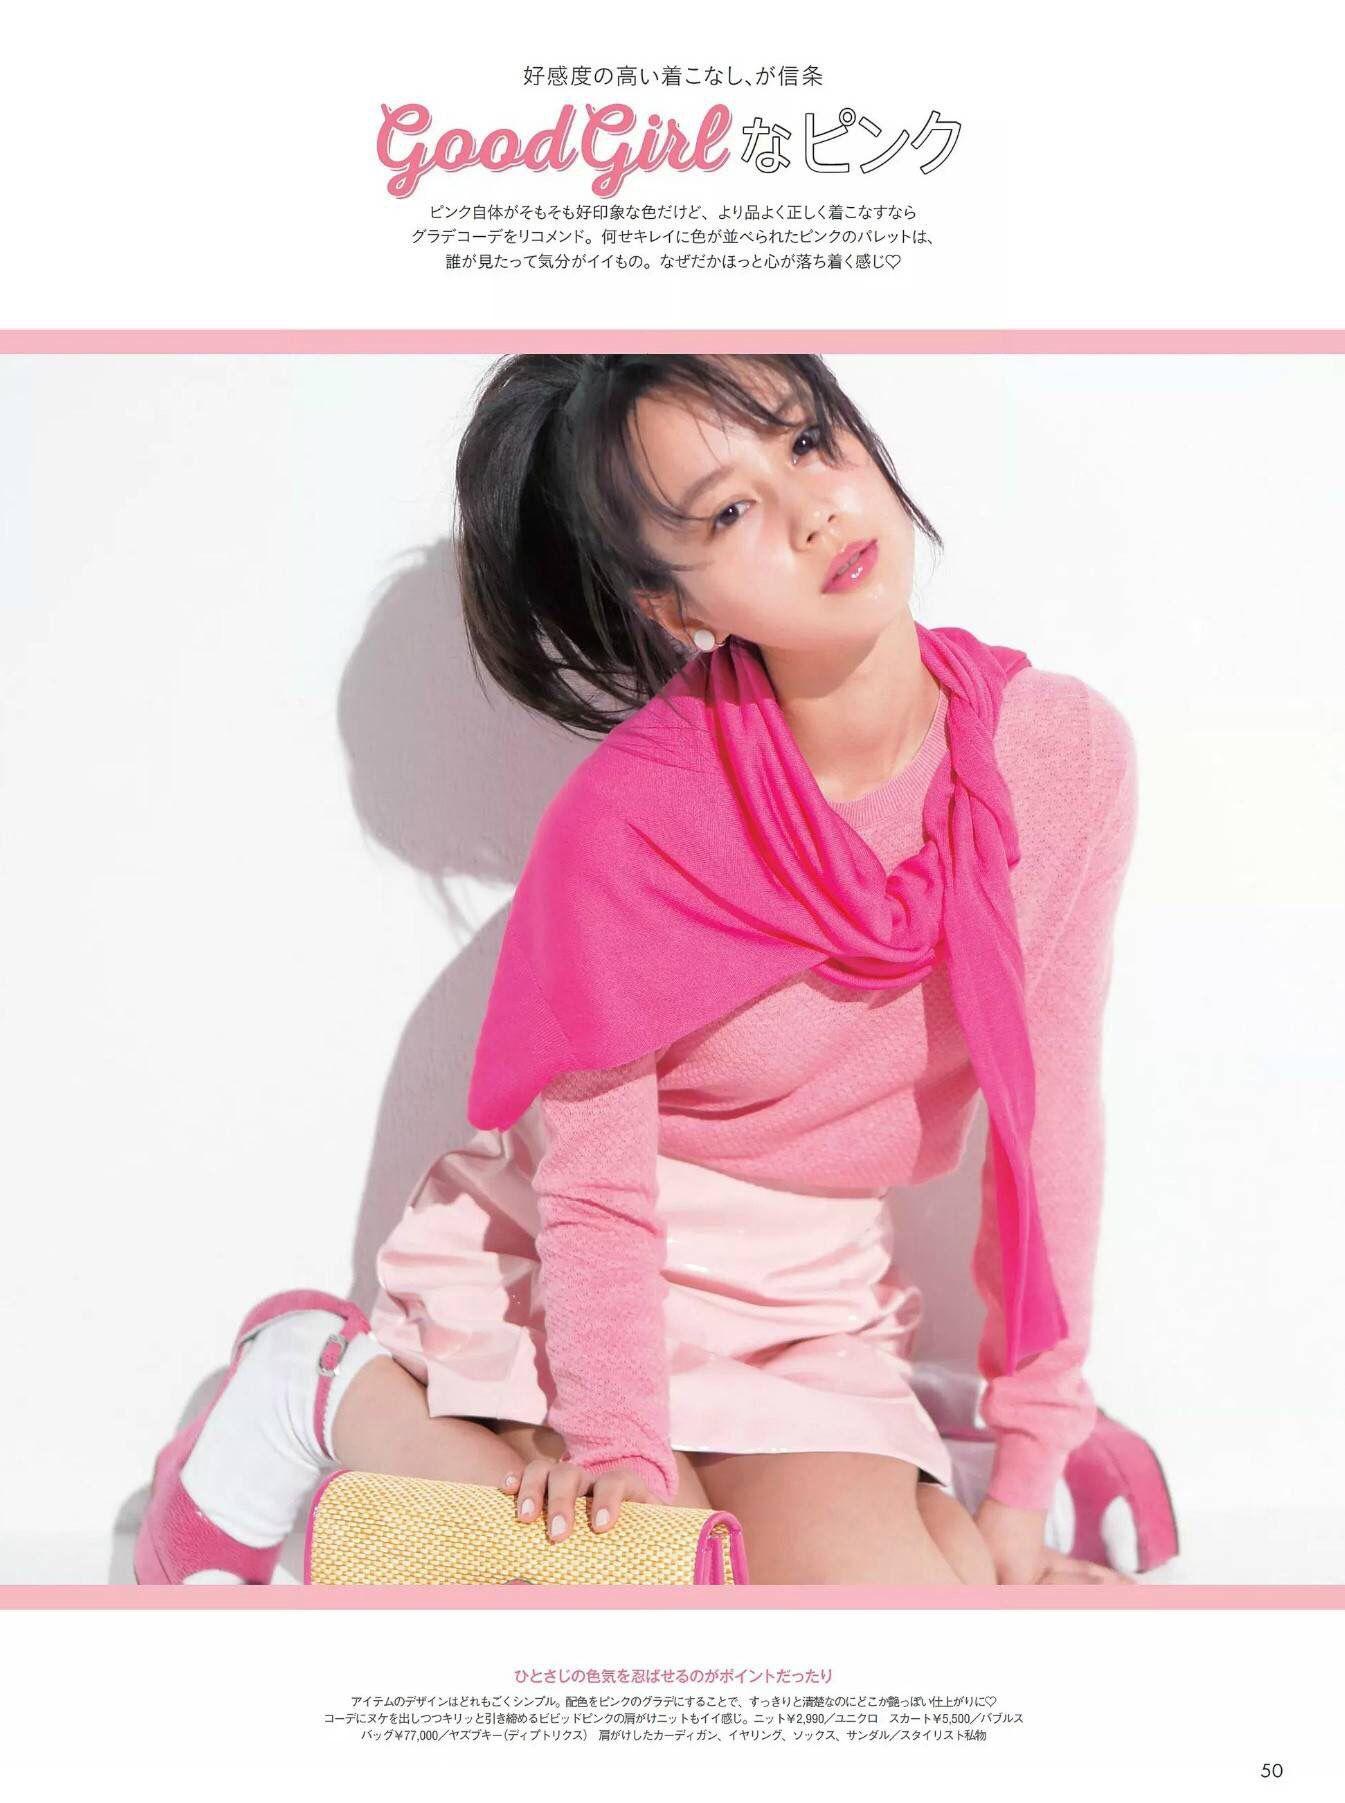 堀北真希 Horikita Maki in magazine ar 05